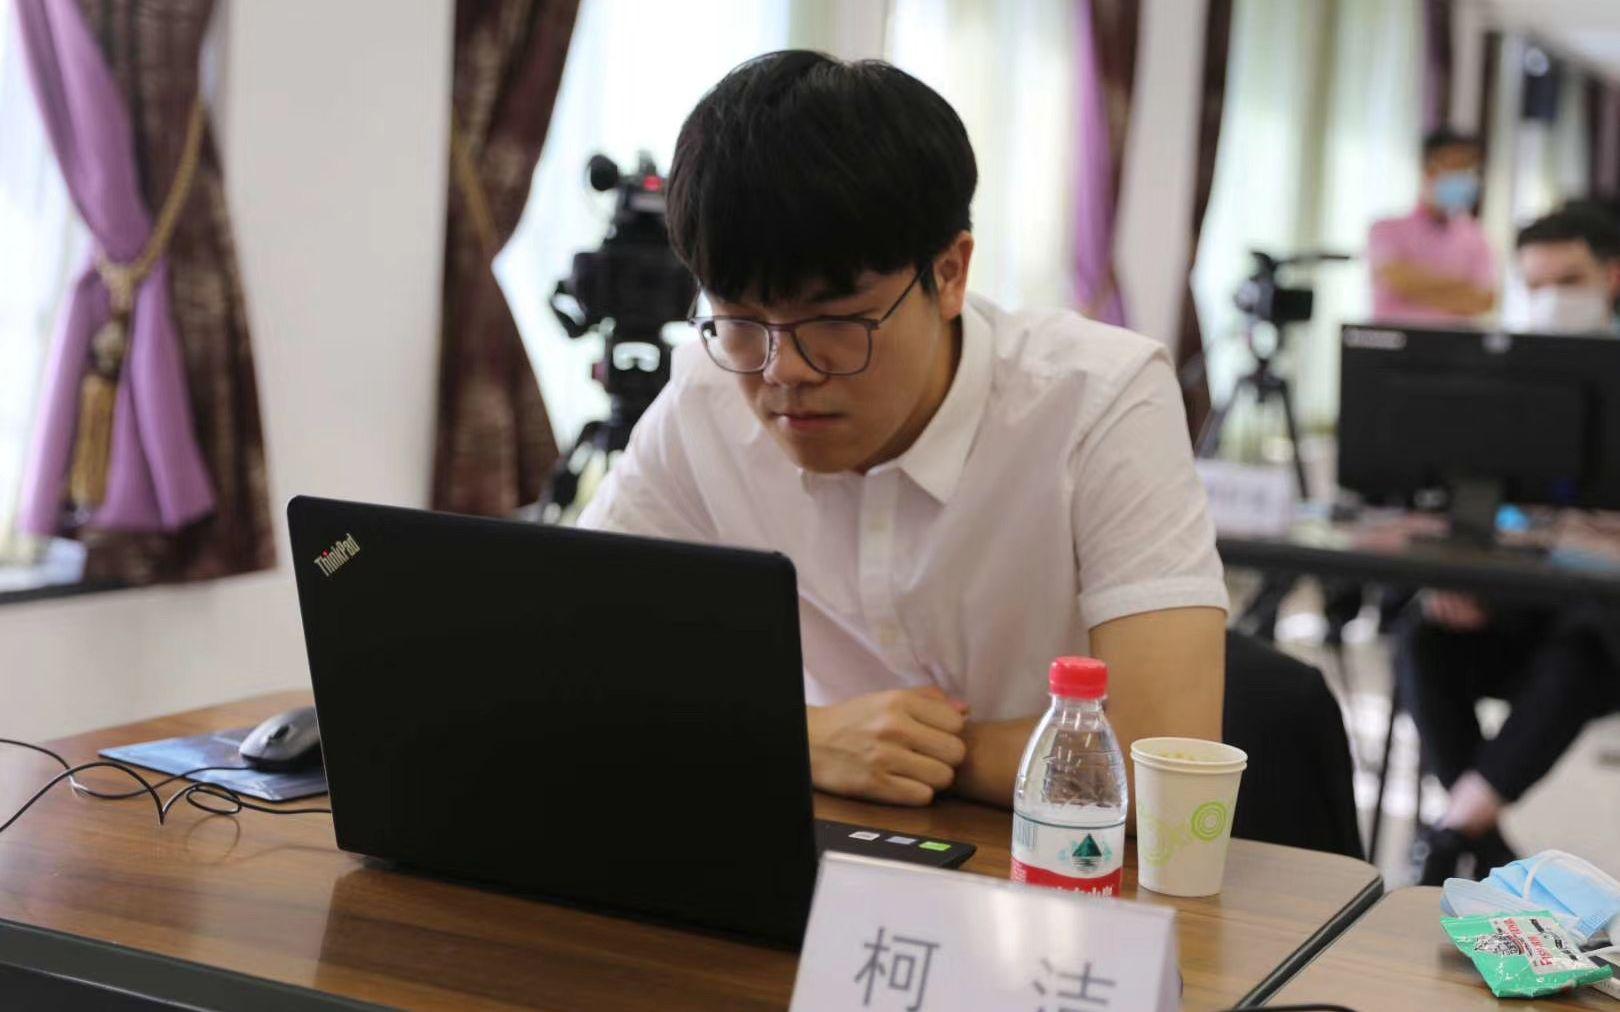 「摩天登录」对决柯洁摩天登录亮相中国棋手4图片